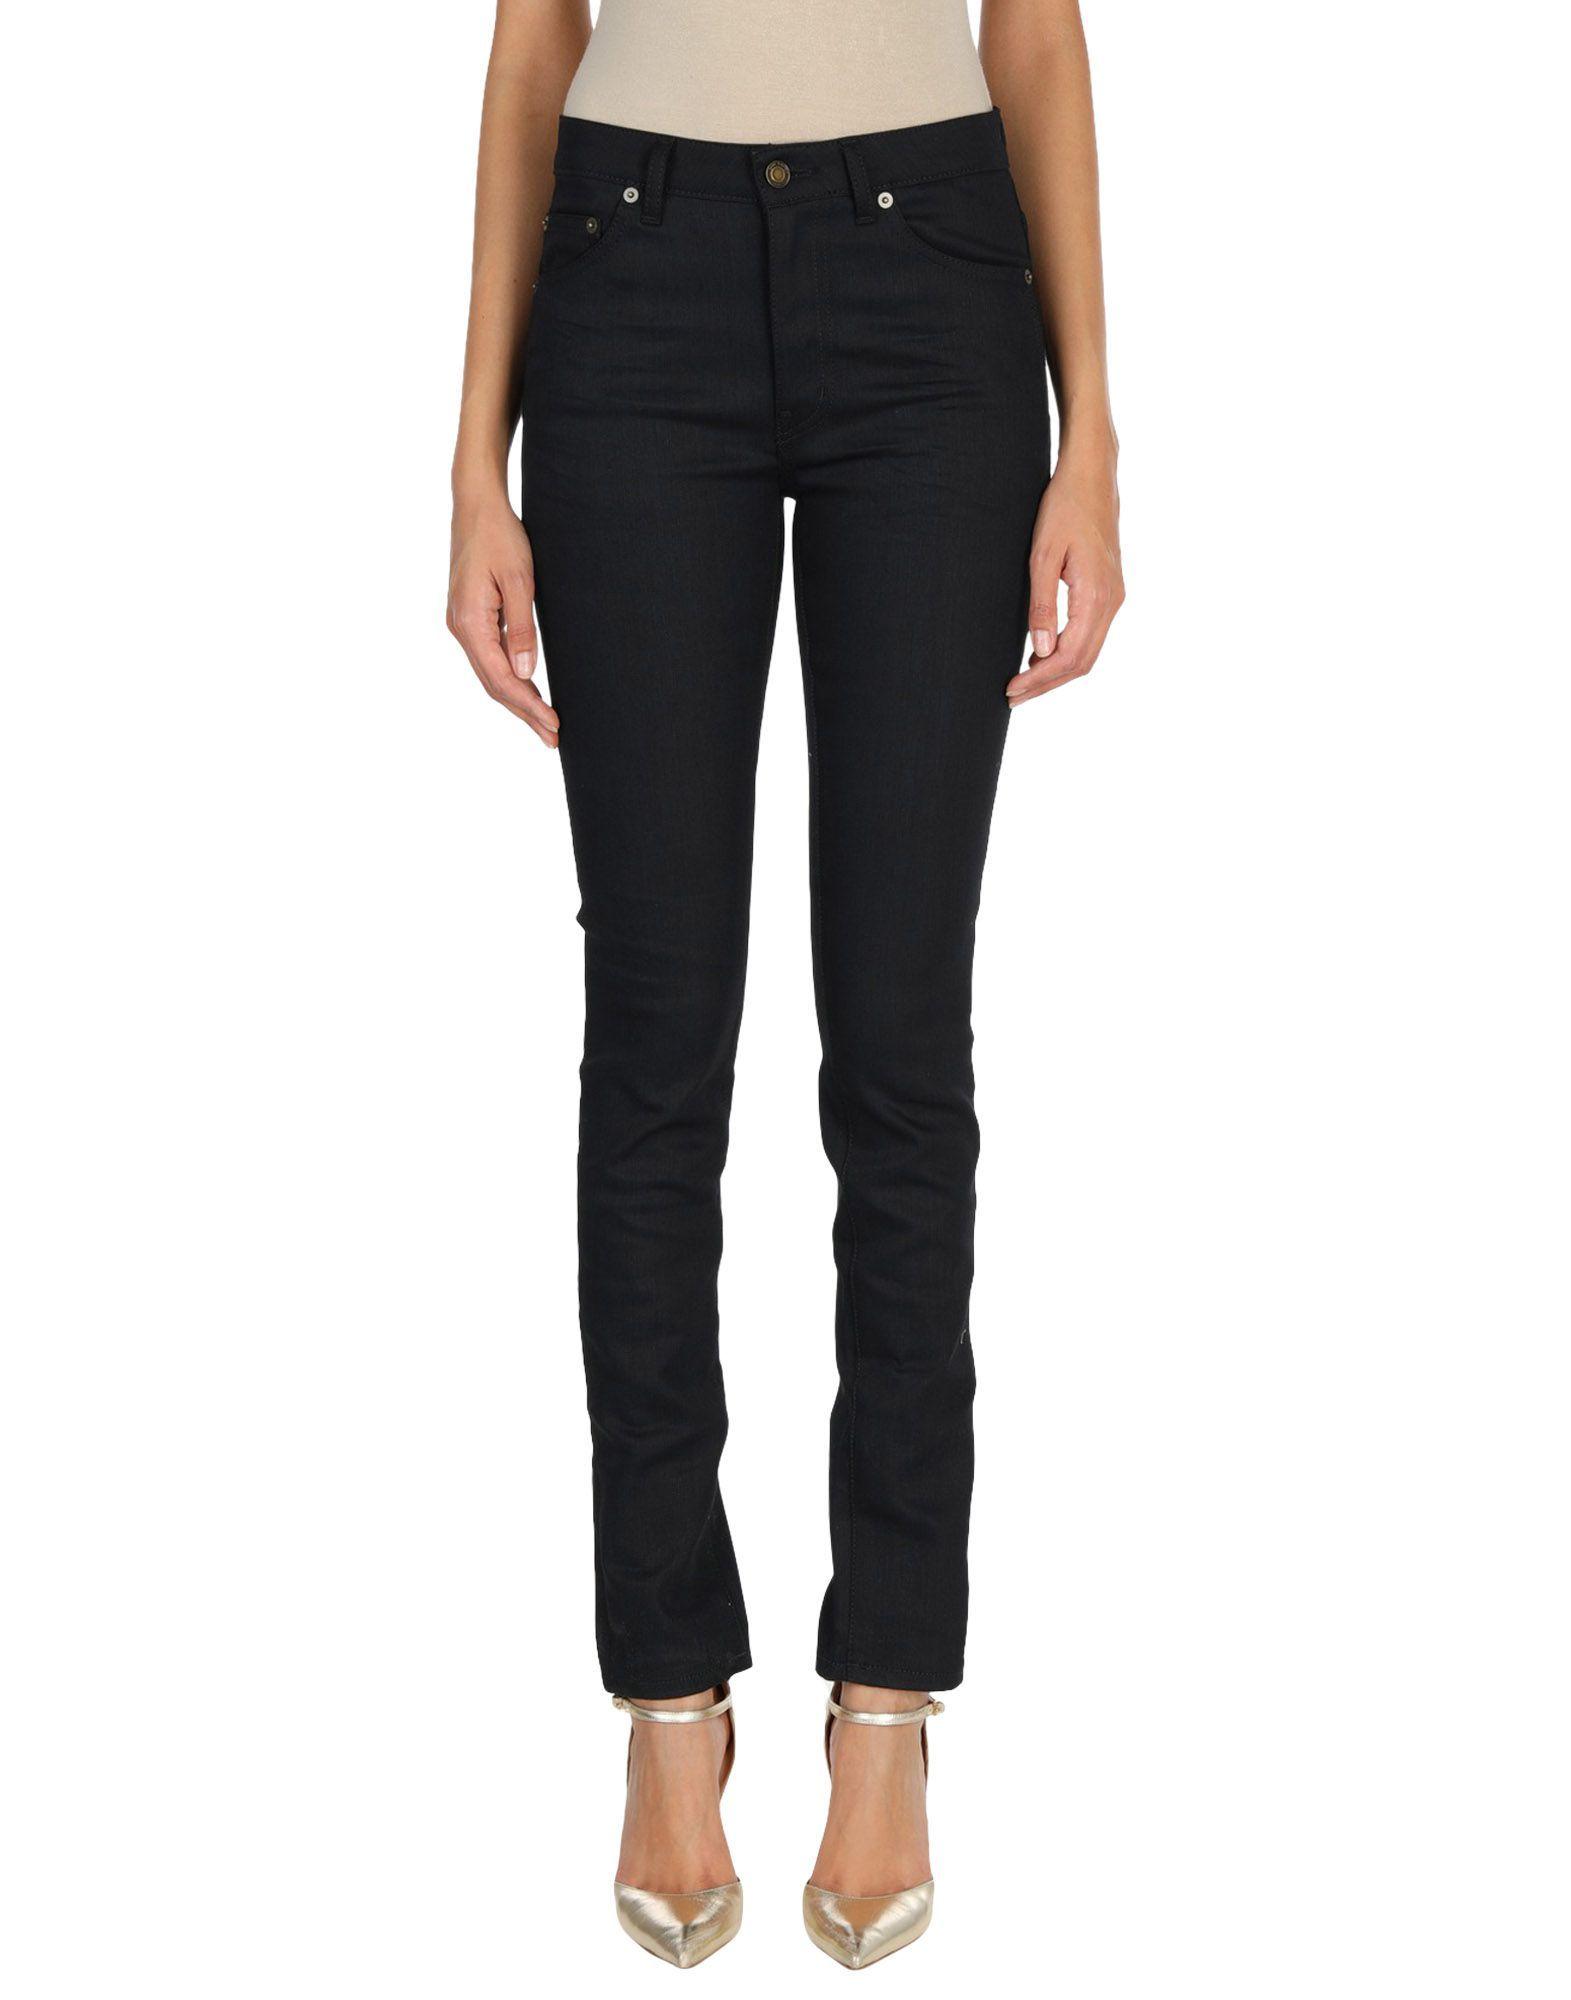 Saint Laurent Black Cotton Pantaloni jeans